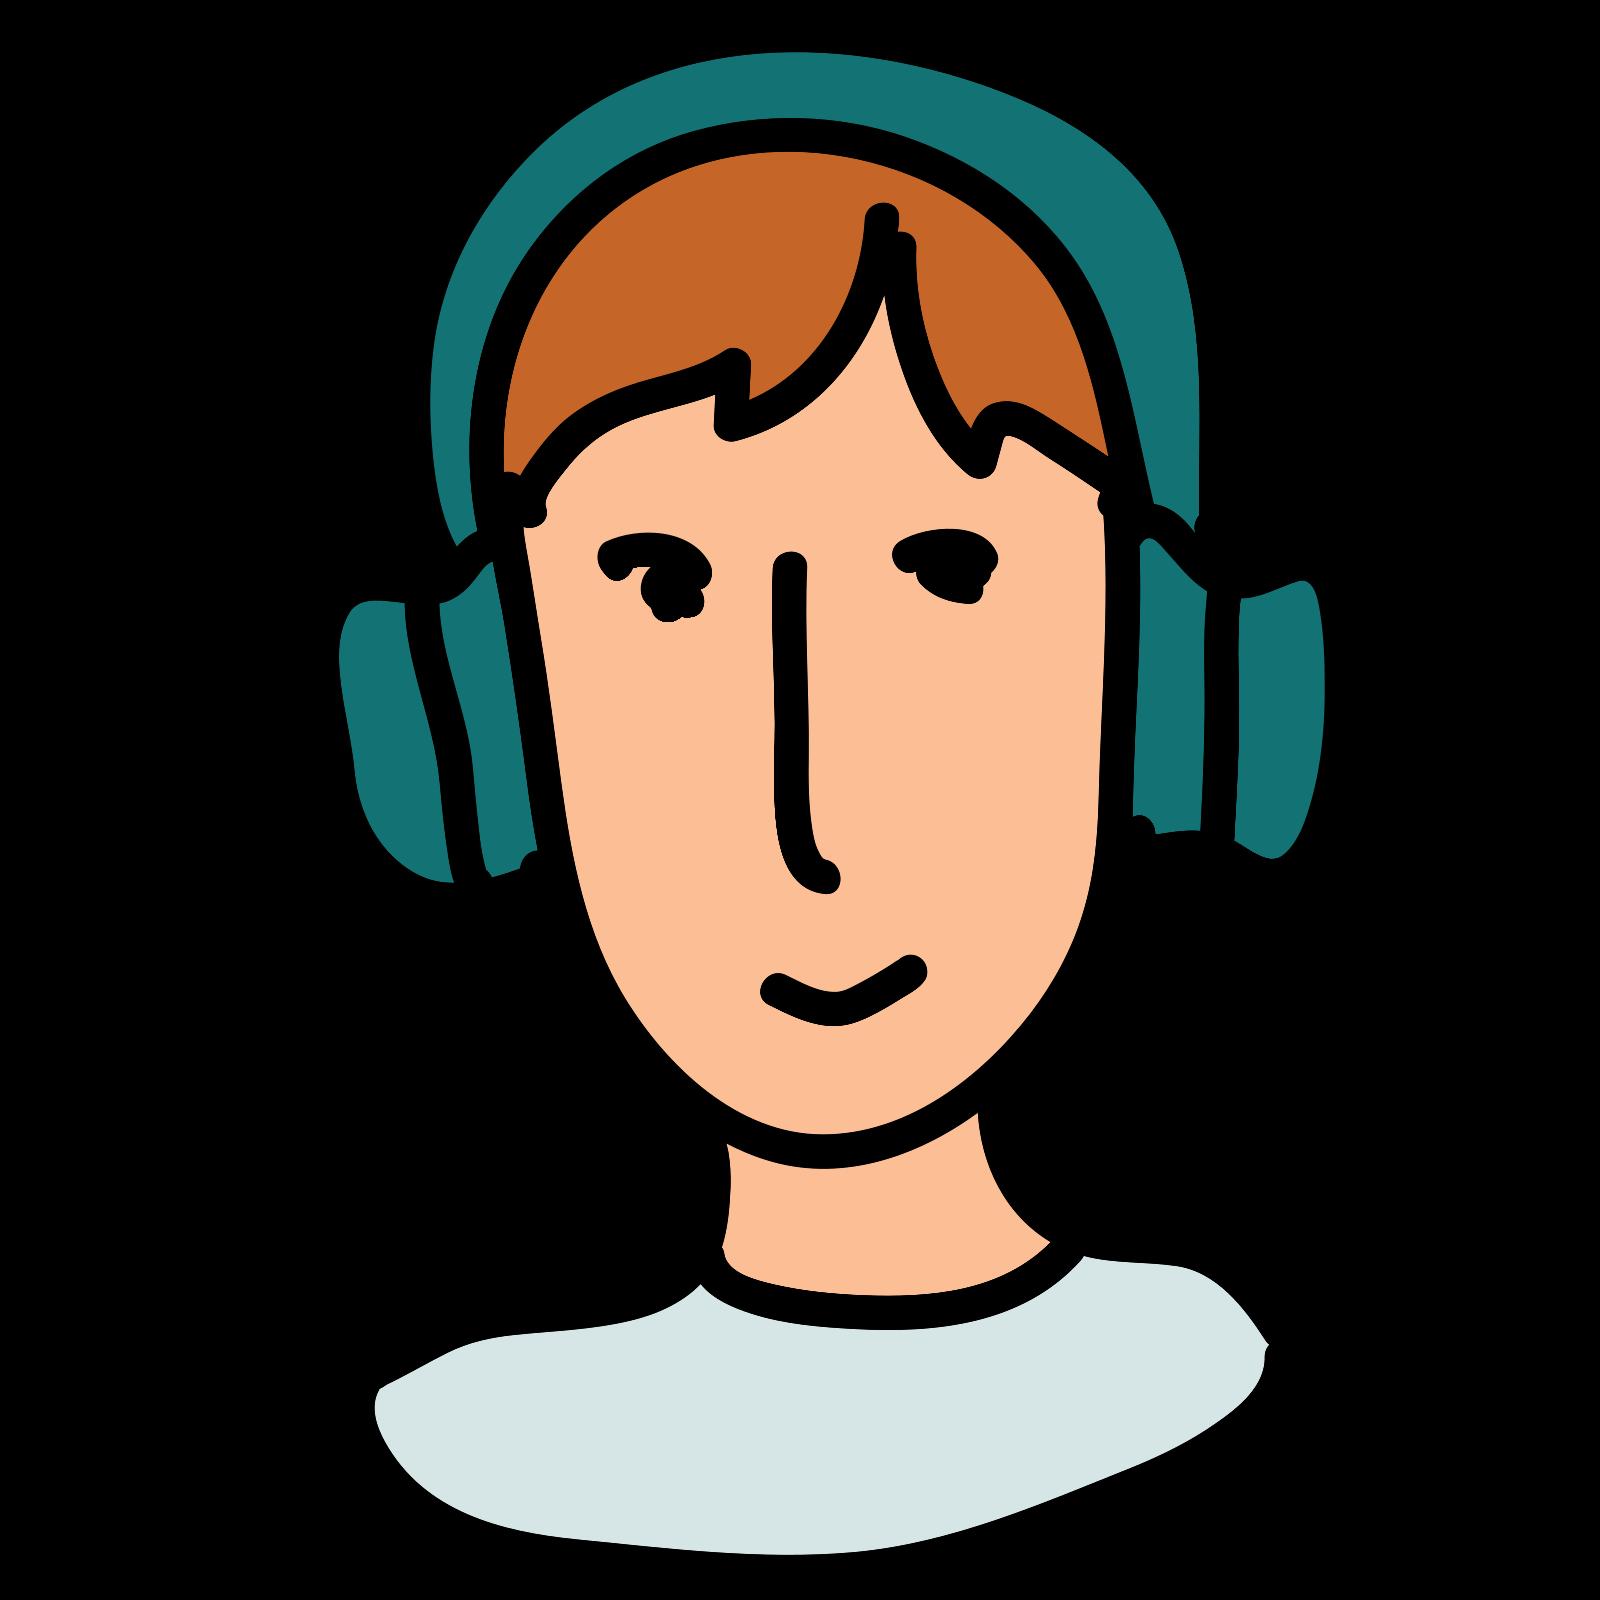 Man in Headphones icon